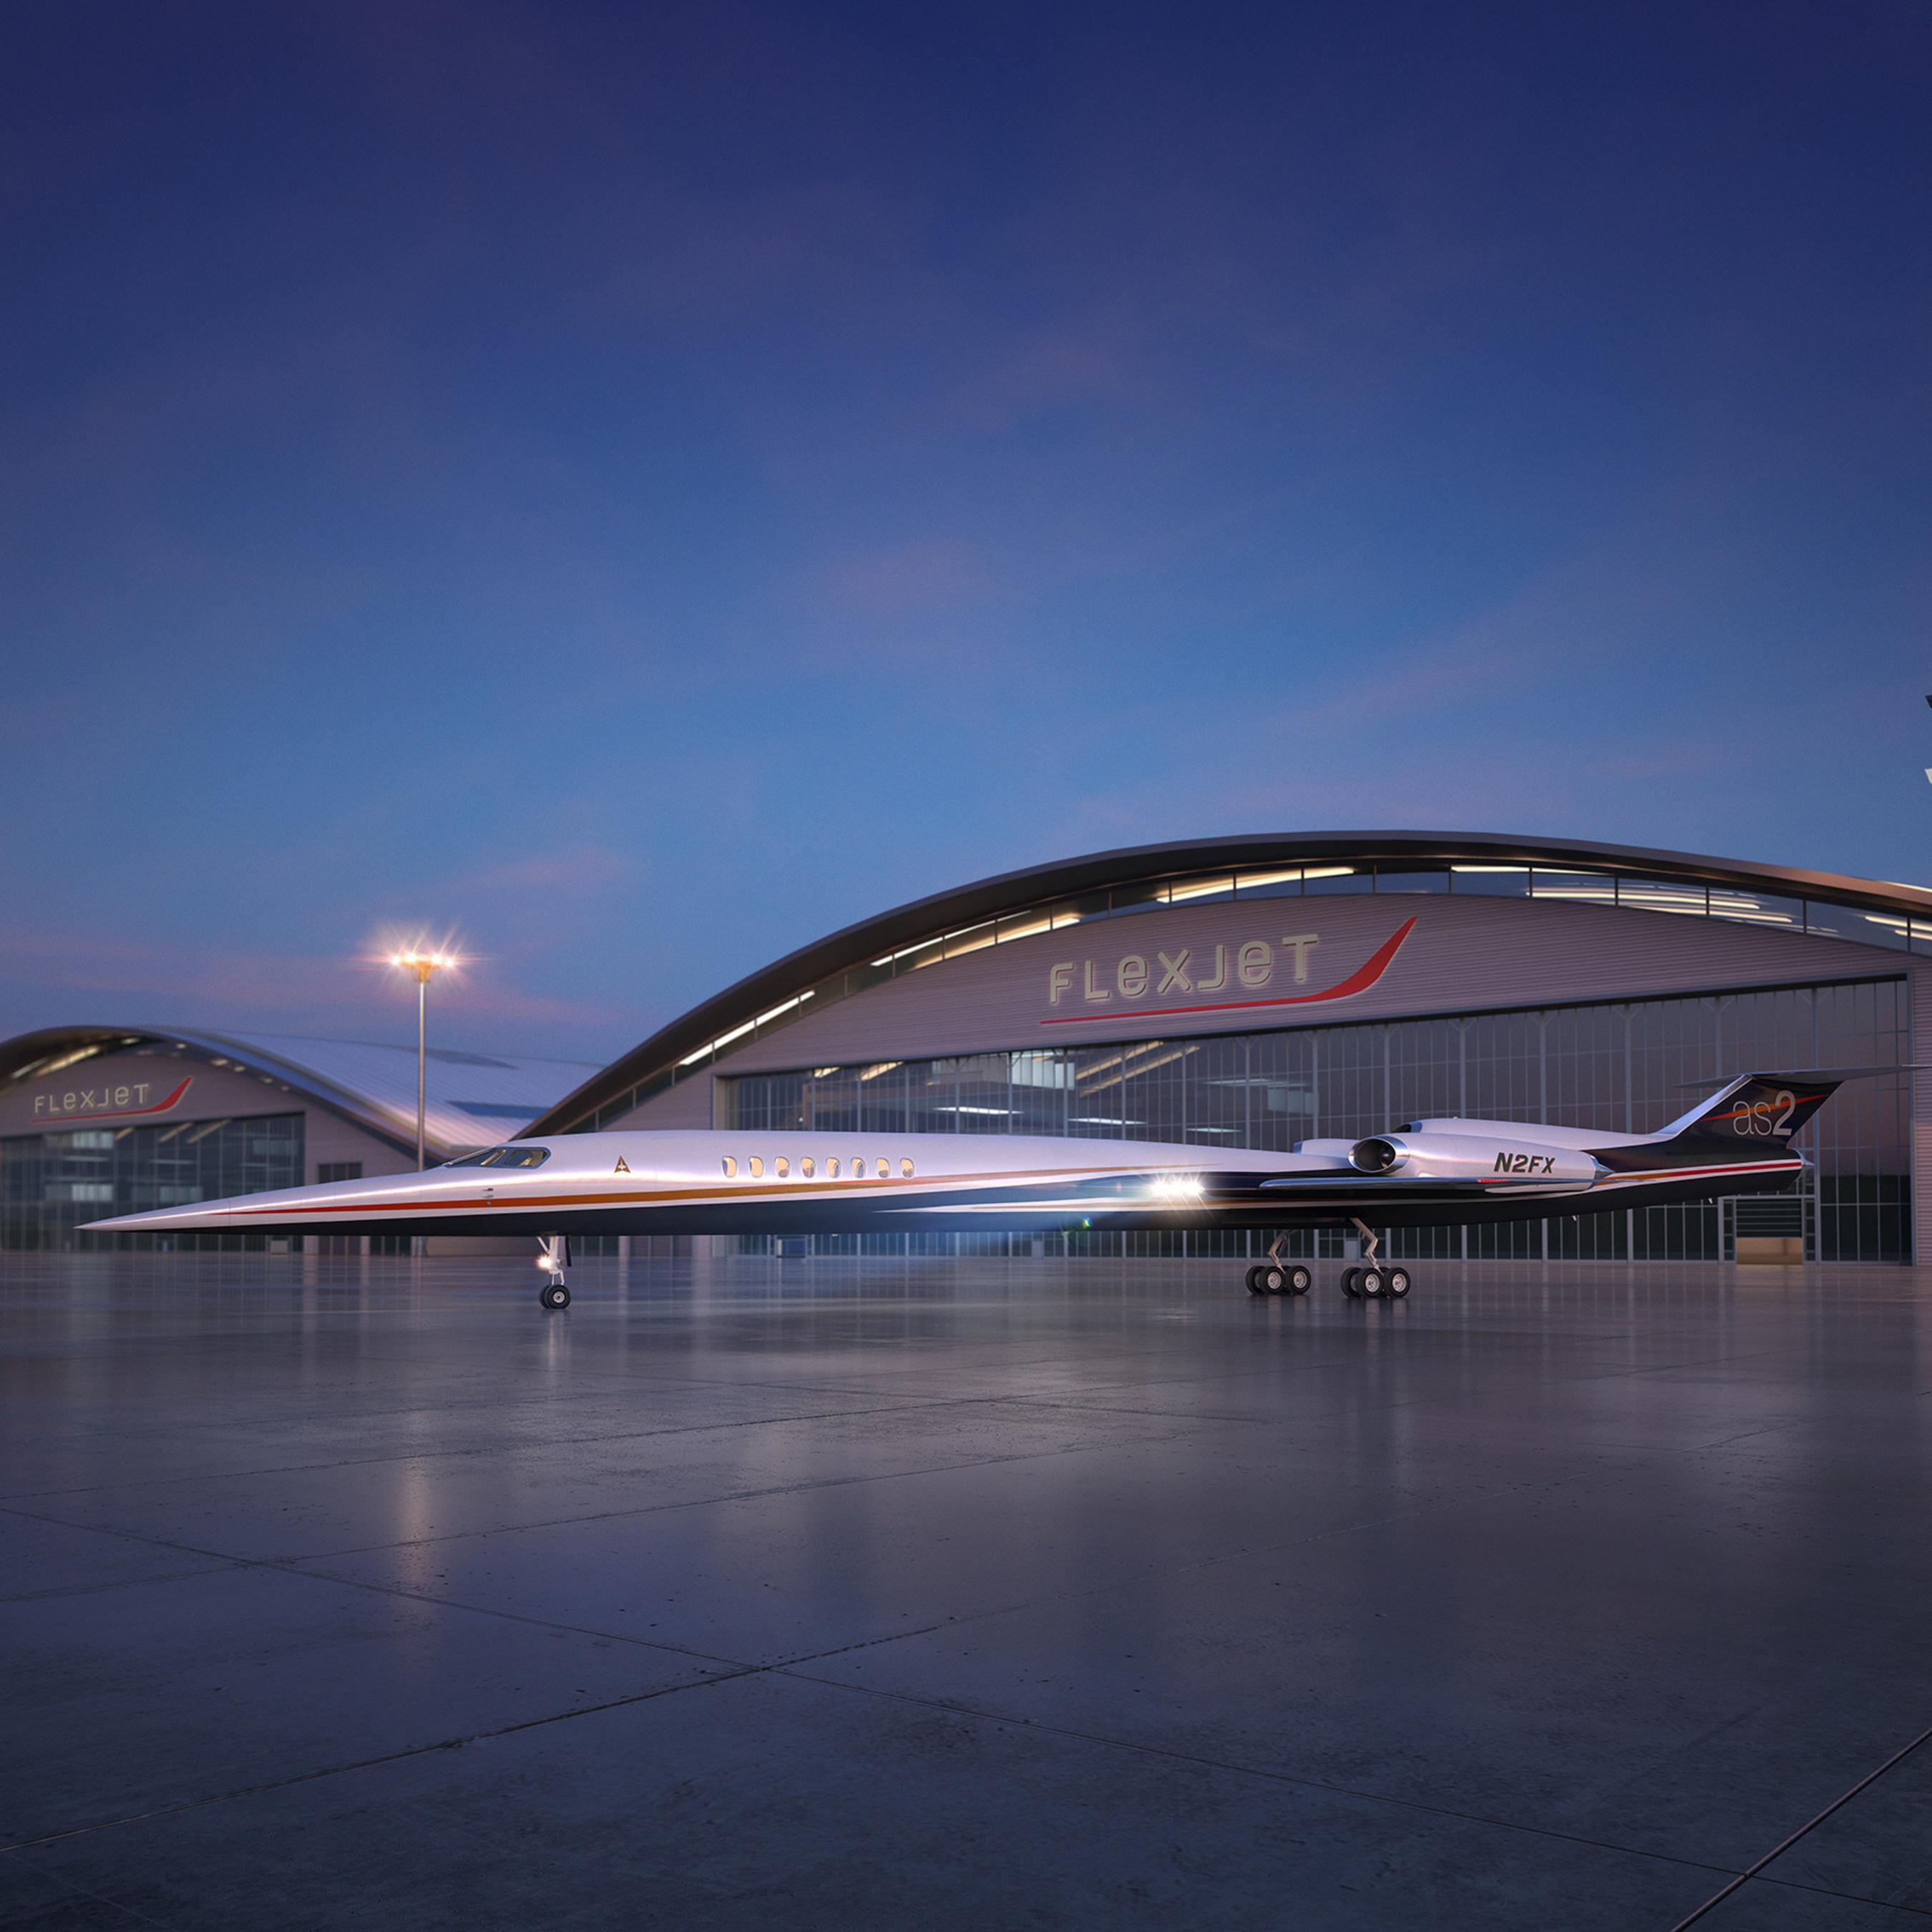 Flexjet se stane prvním odběratelem nadzvukových business tryskových letadel společnosti Aerion